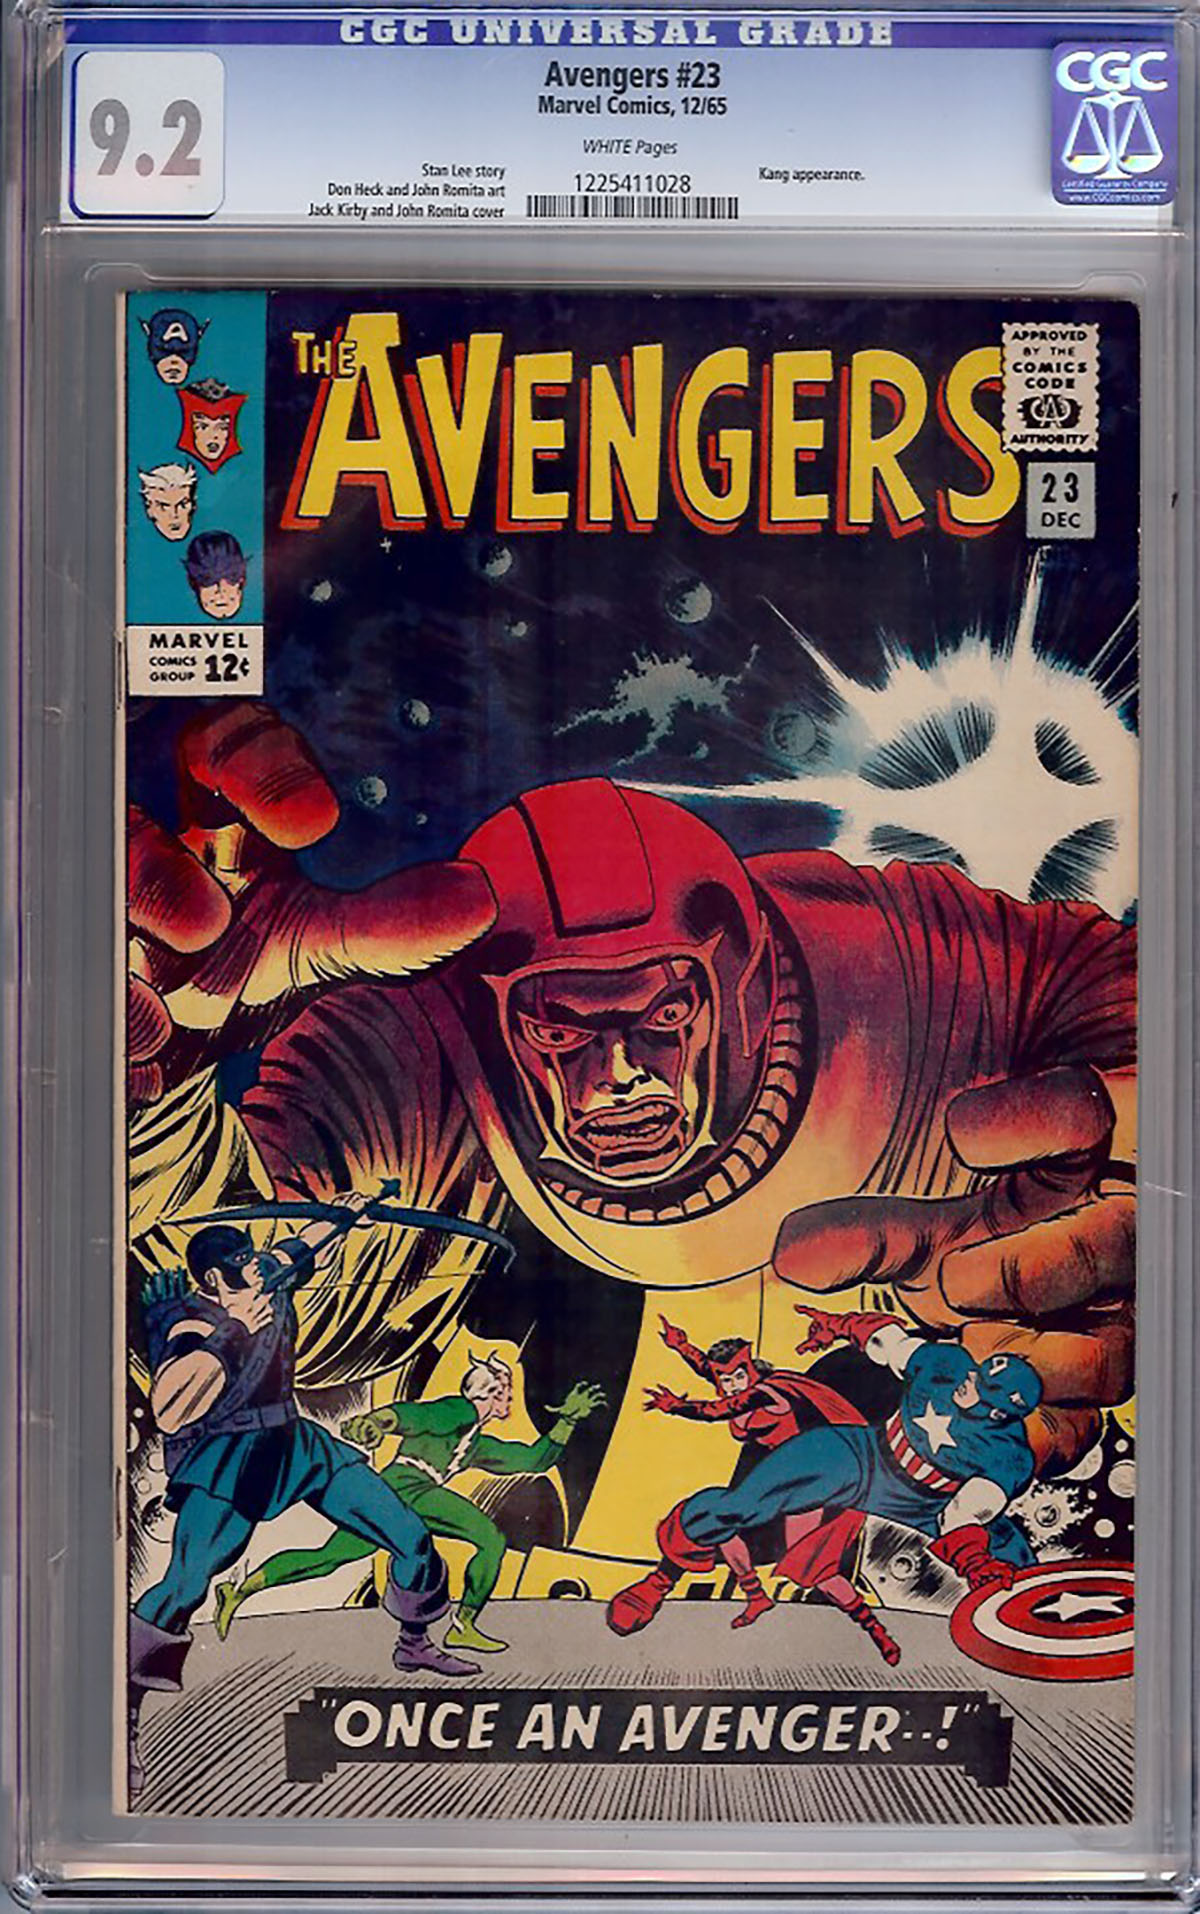 Avengers #23 CGC 9.2 w